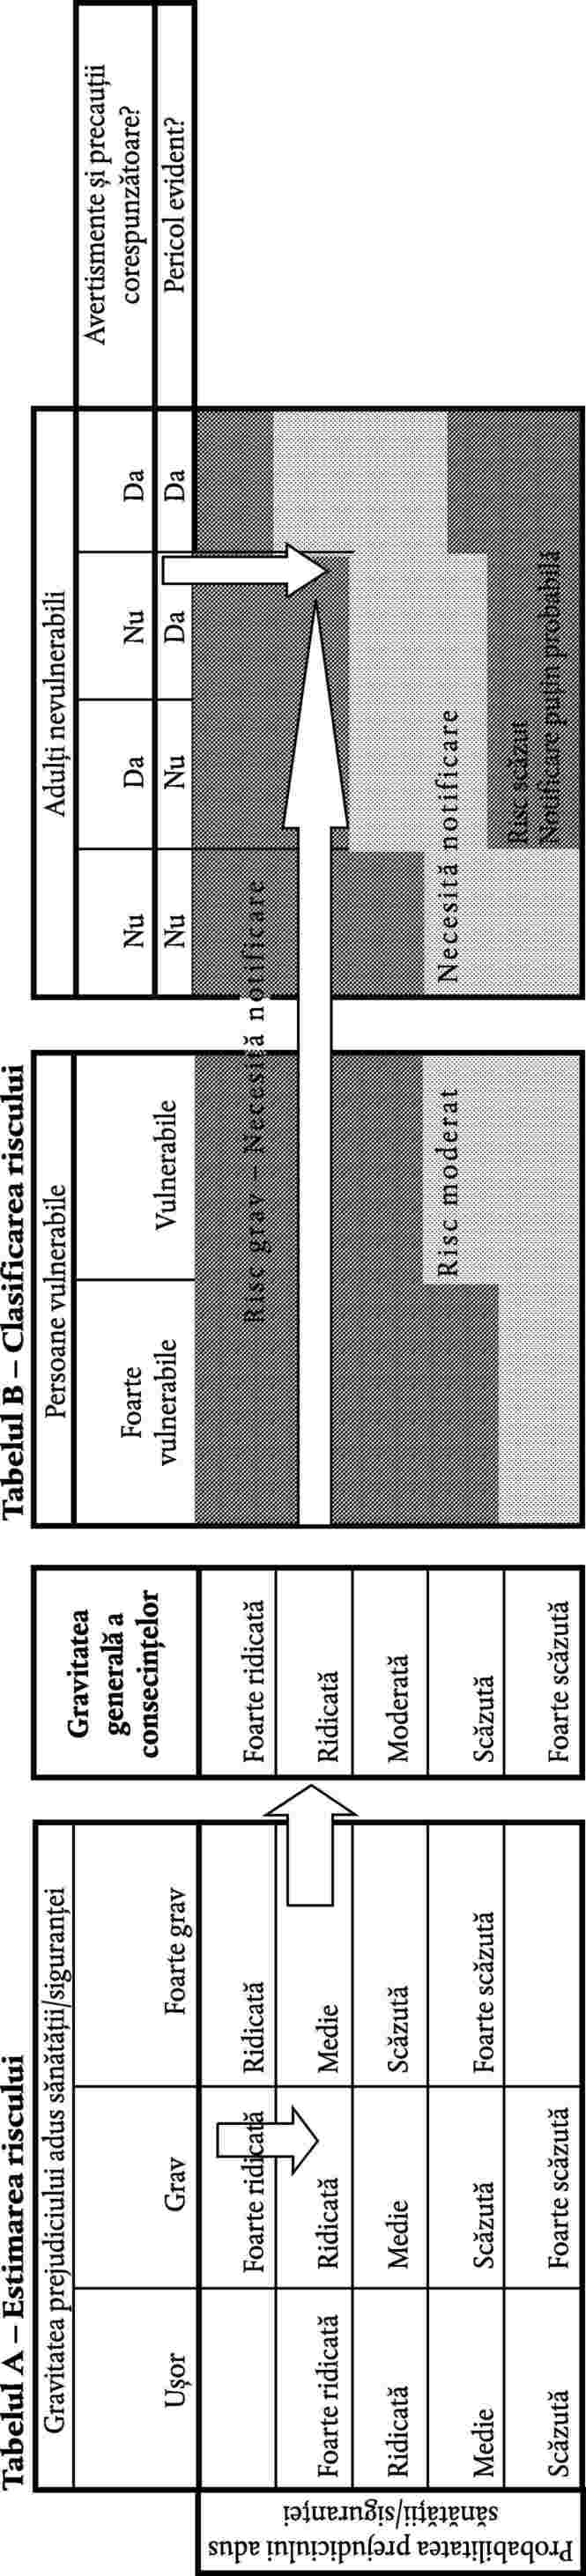 tabelul de desemnare a opțiunilor